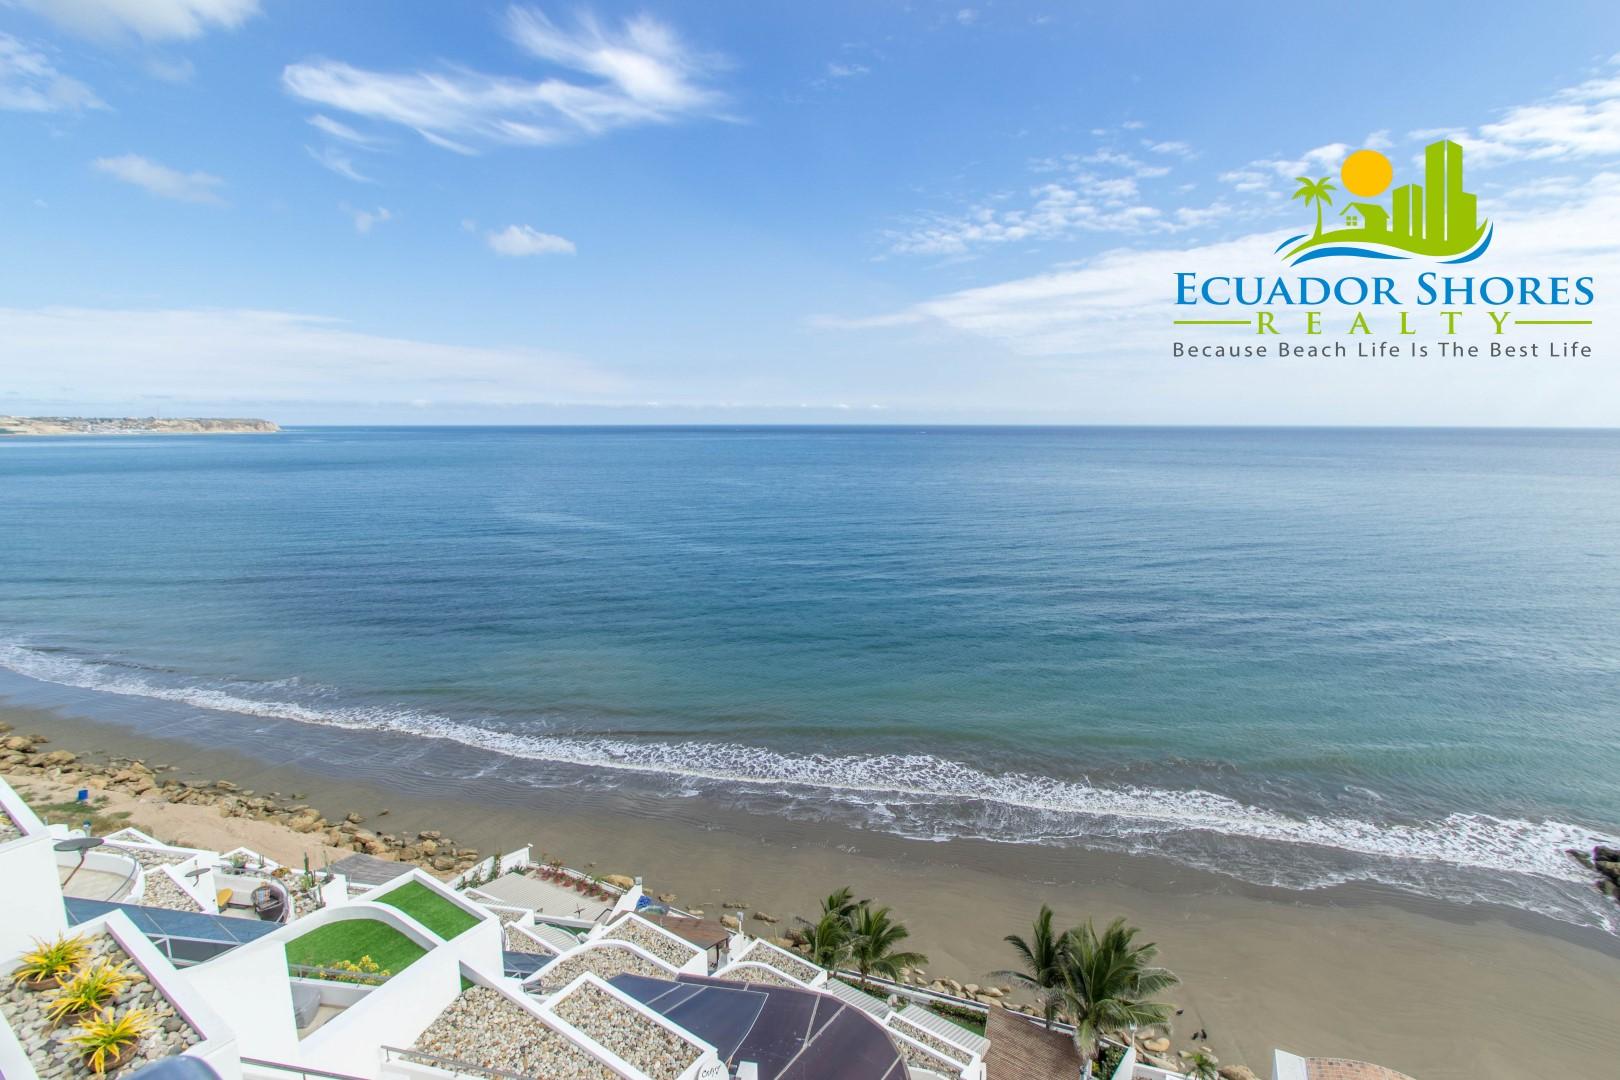 Manta Ecuador oceanfront condo for sale!